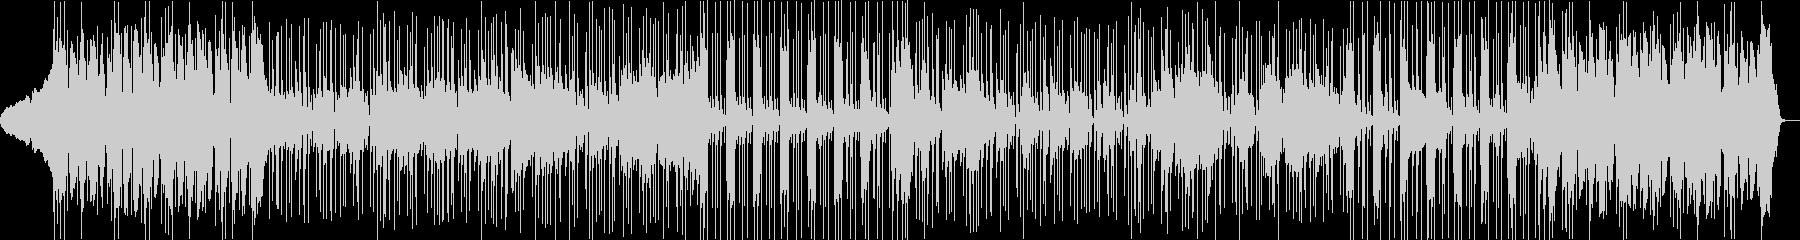 イントロで盛り上がるファンクロックの未再生の波形